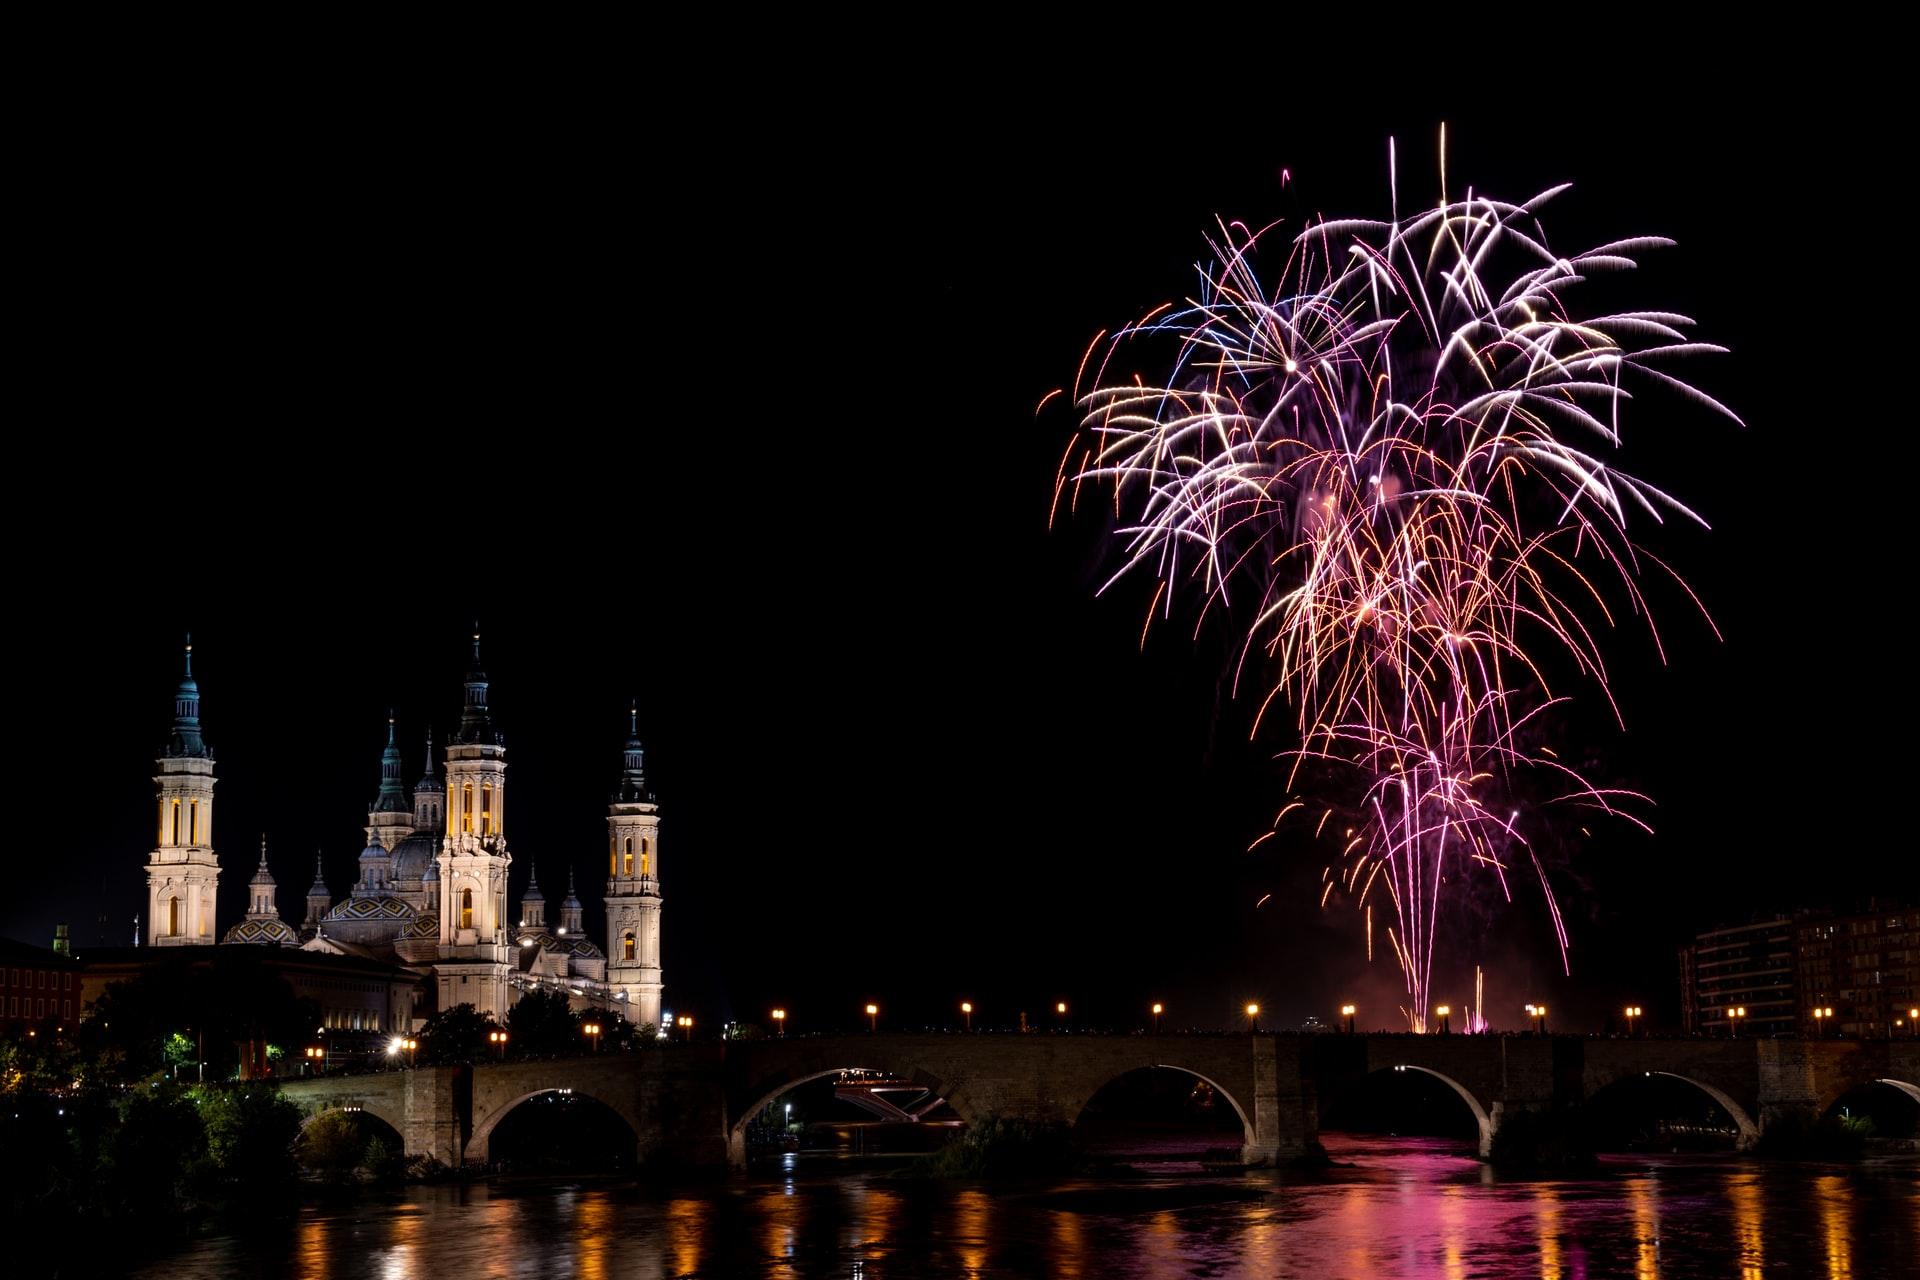 fuegos artificiales pilar fiestas zaragoza alsa bus viajar